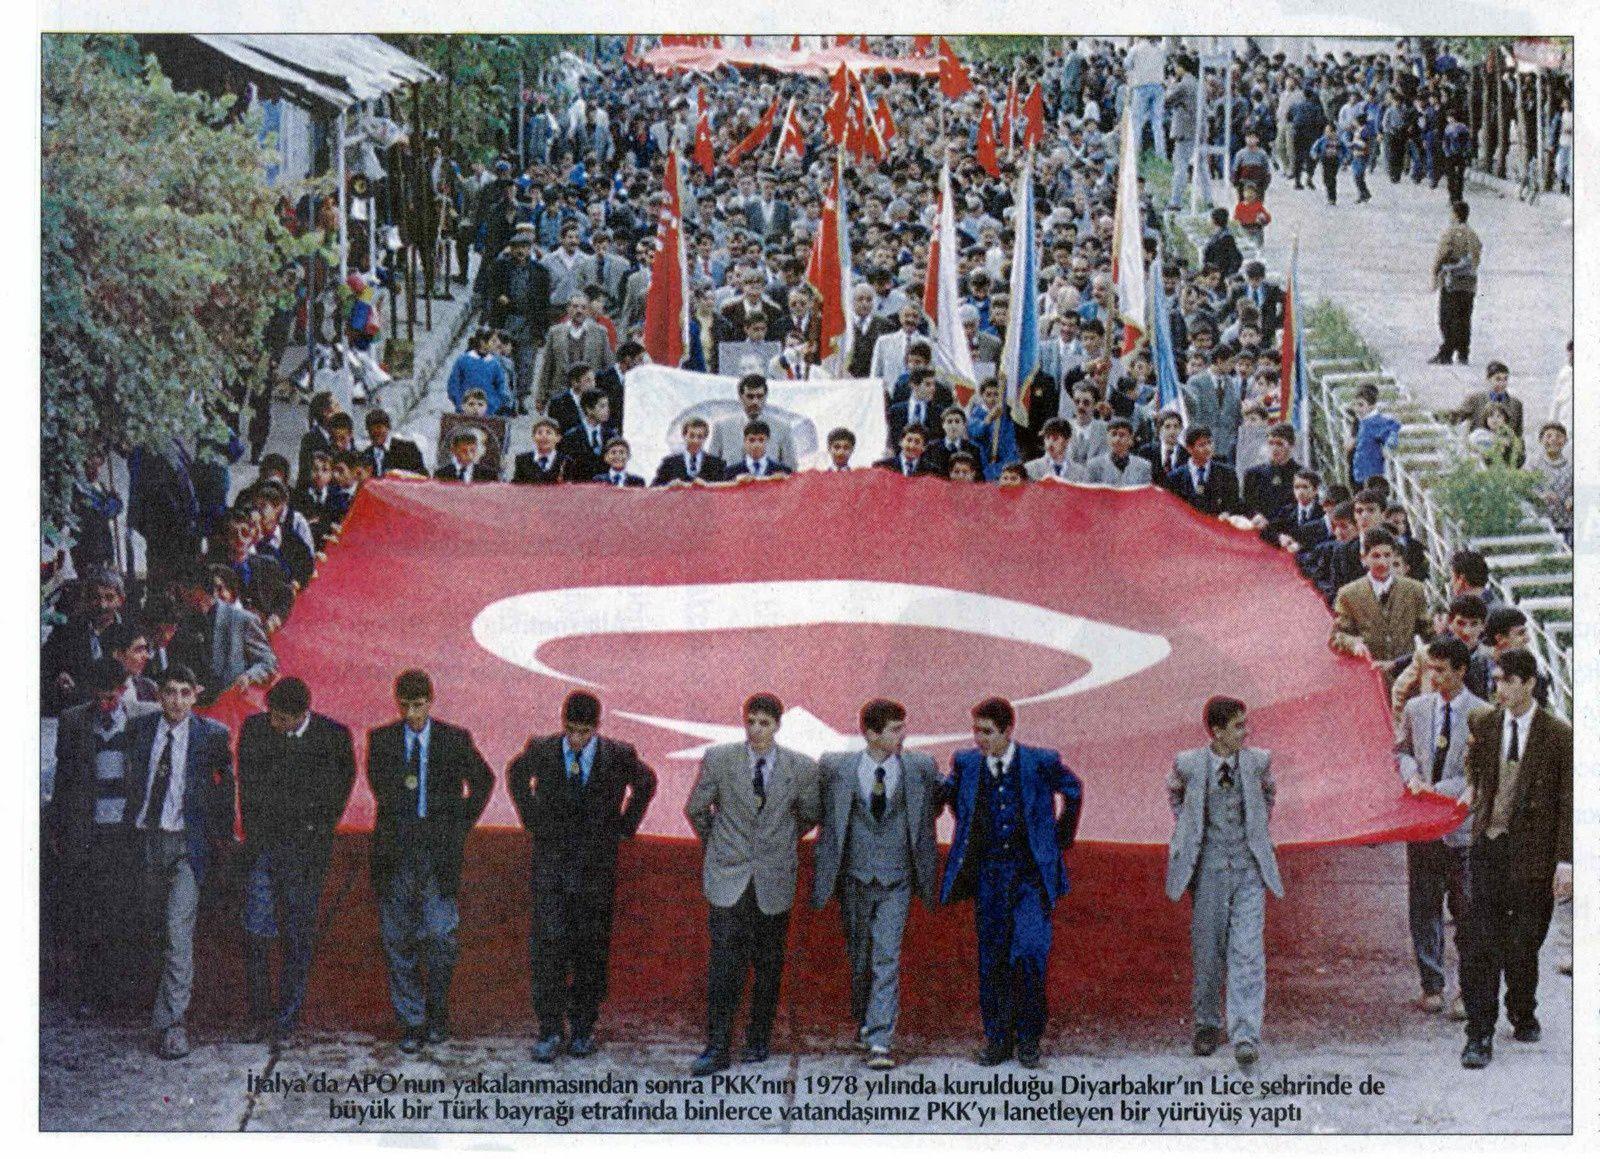 Novembre 1998, manifestation contre le PKK à Lice, organisée par les autorités. Photo Türkiye, 17 novembre 1998